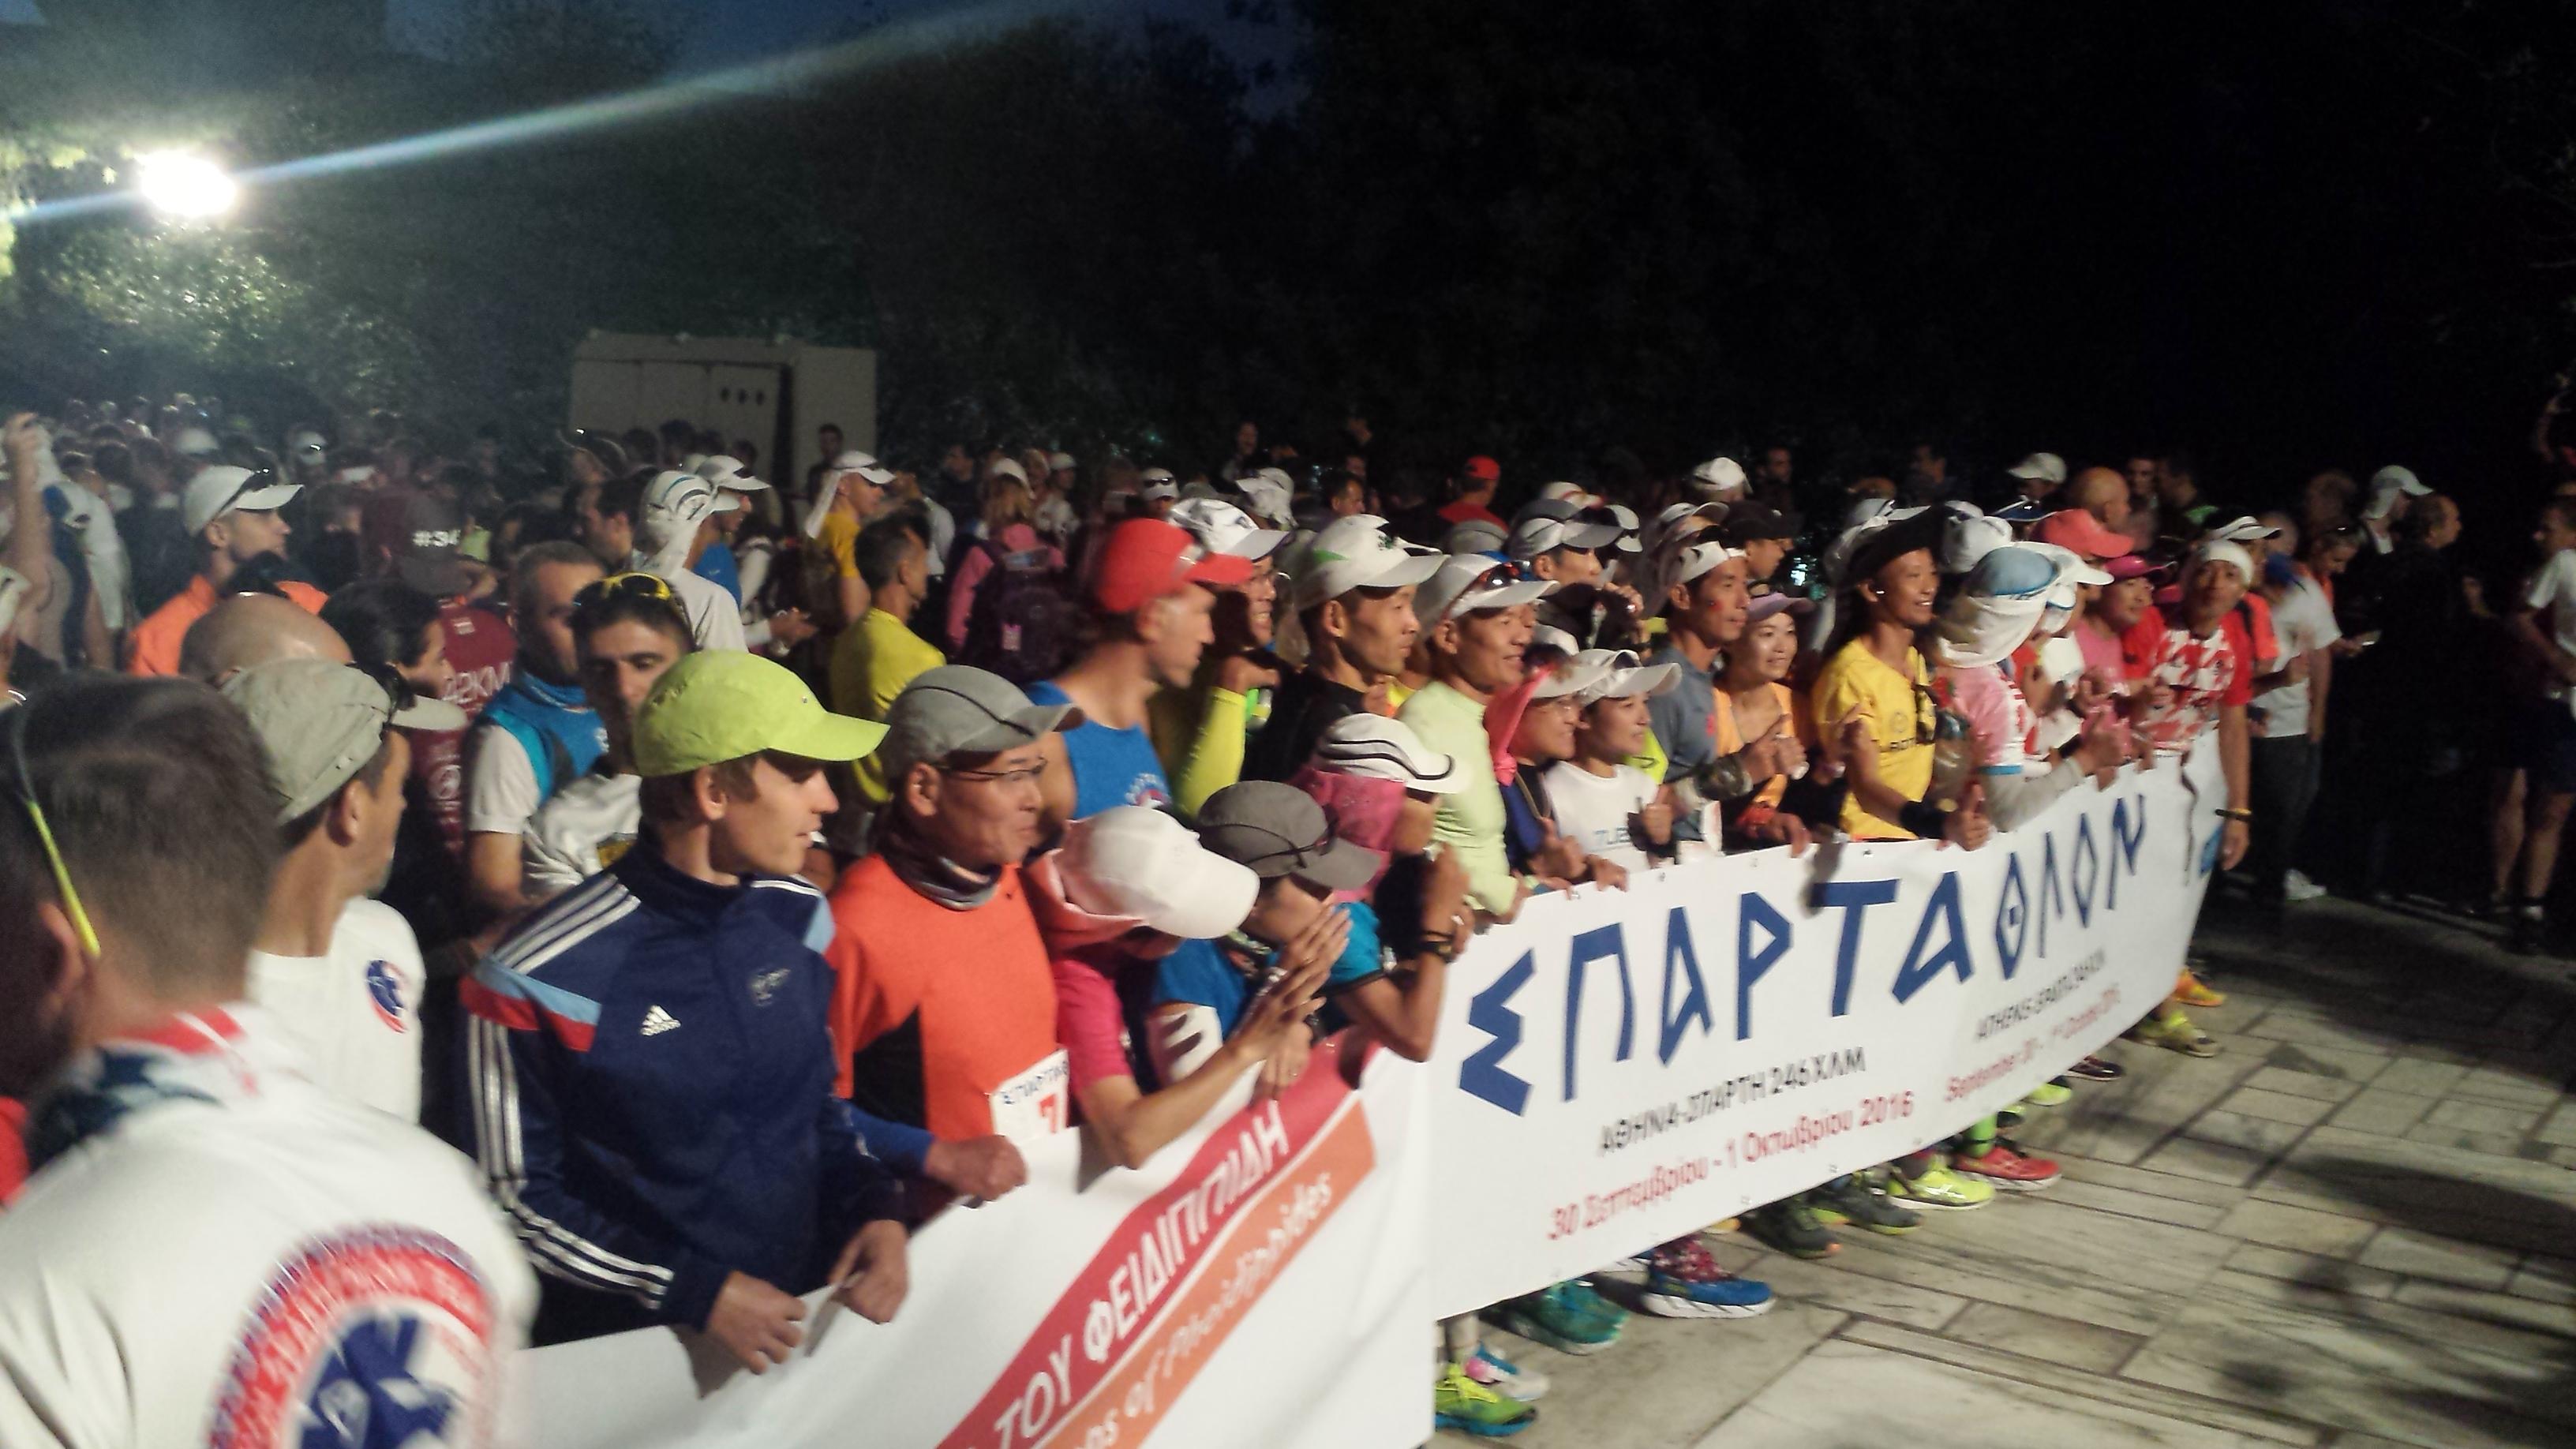 Kort før starten på Spartathlon 2016